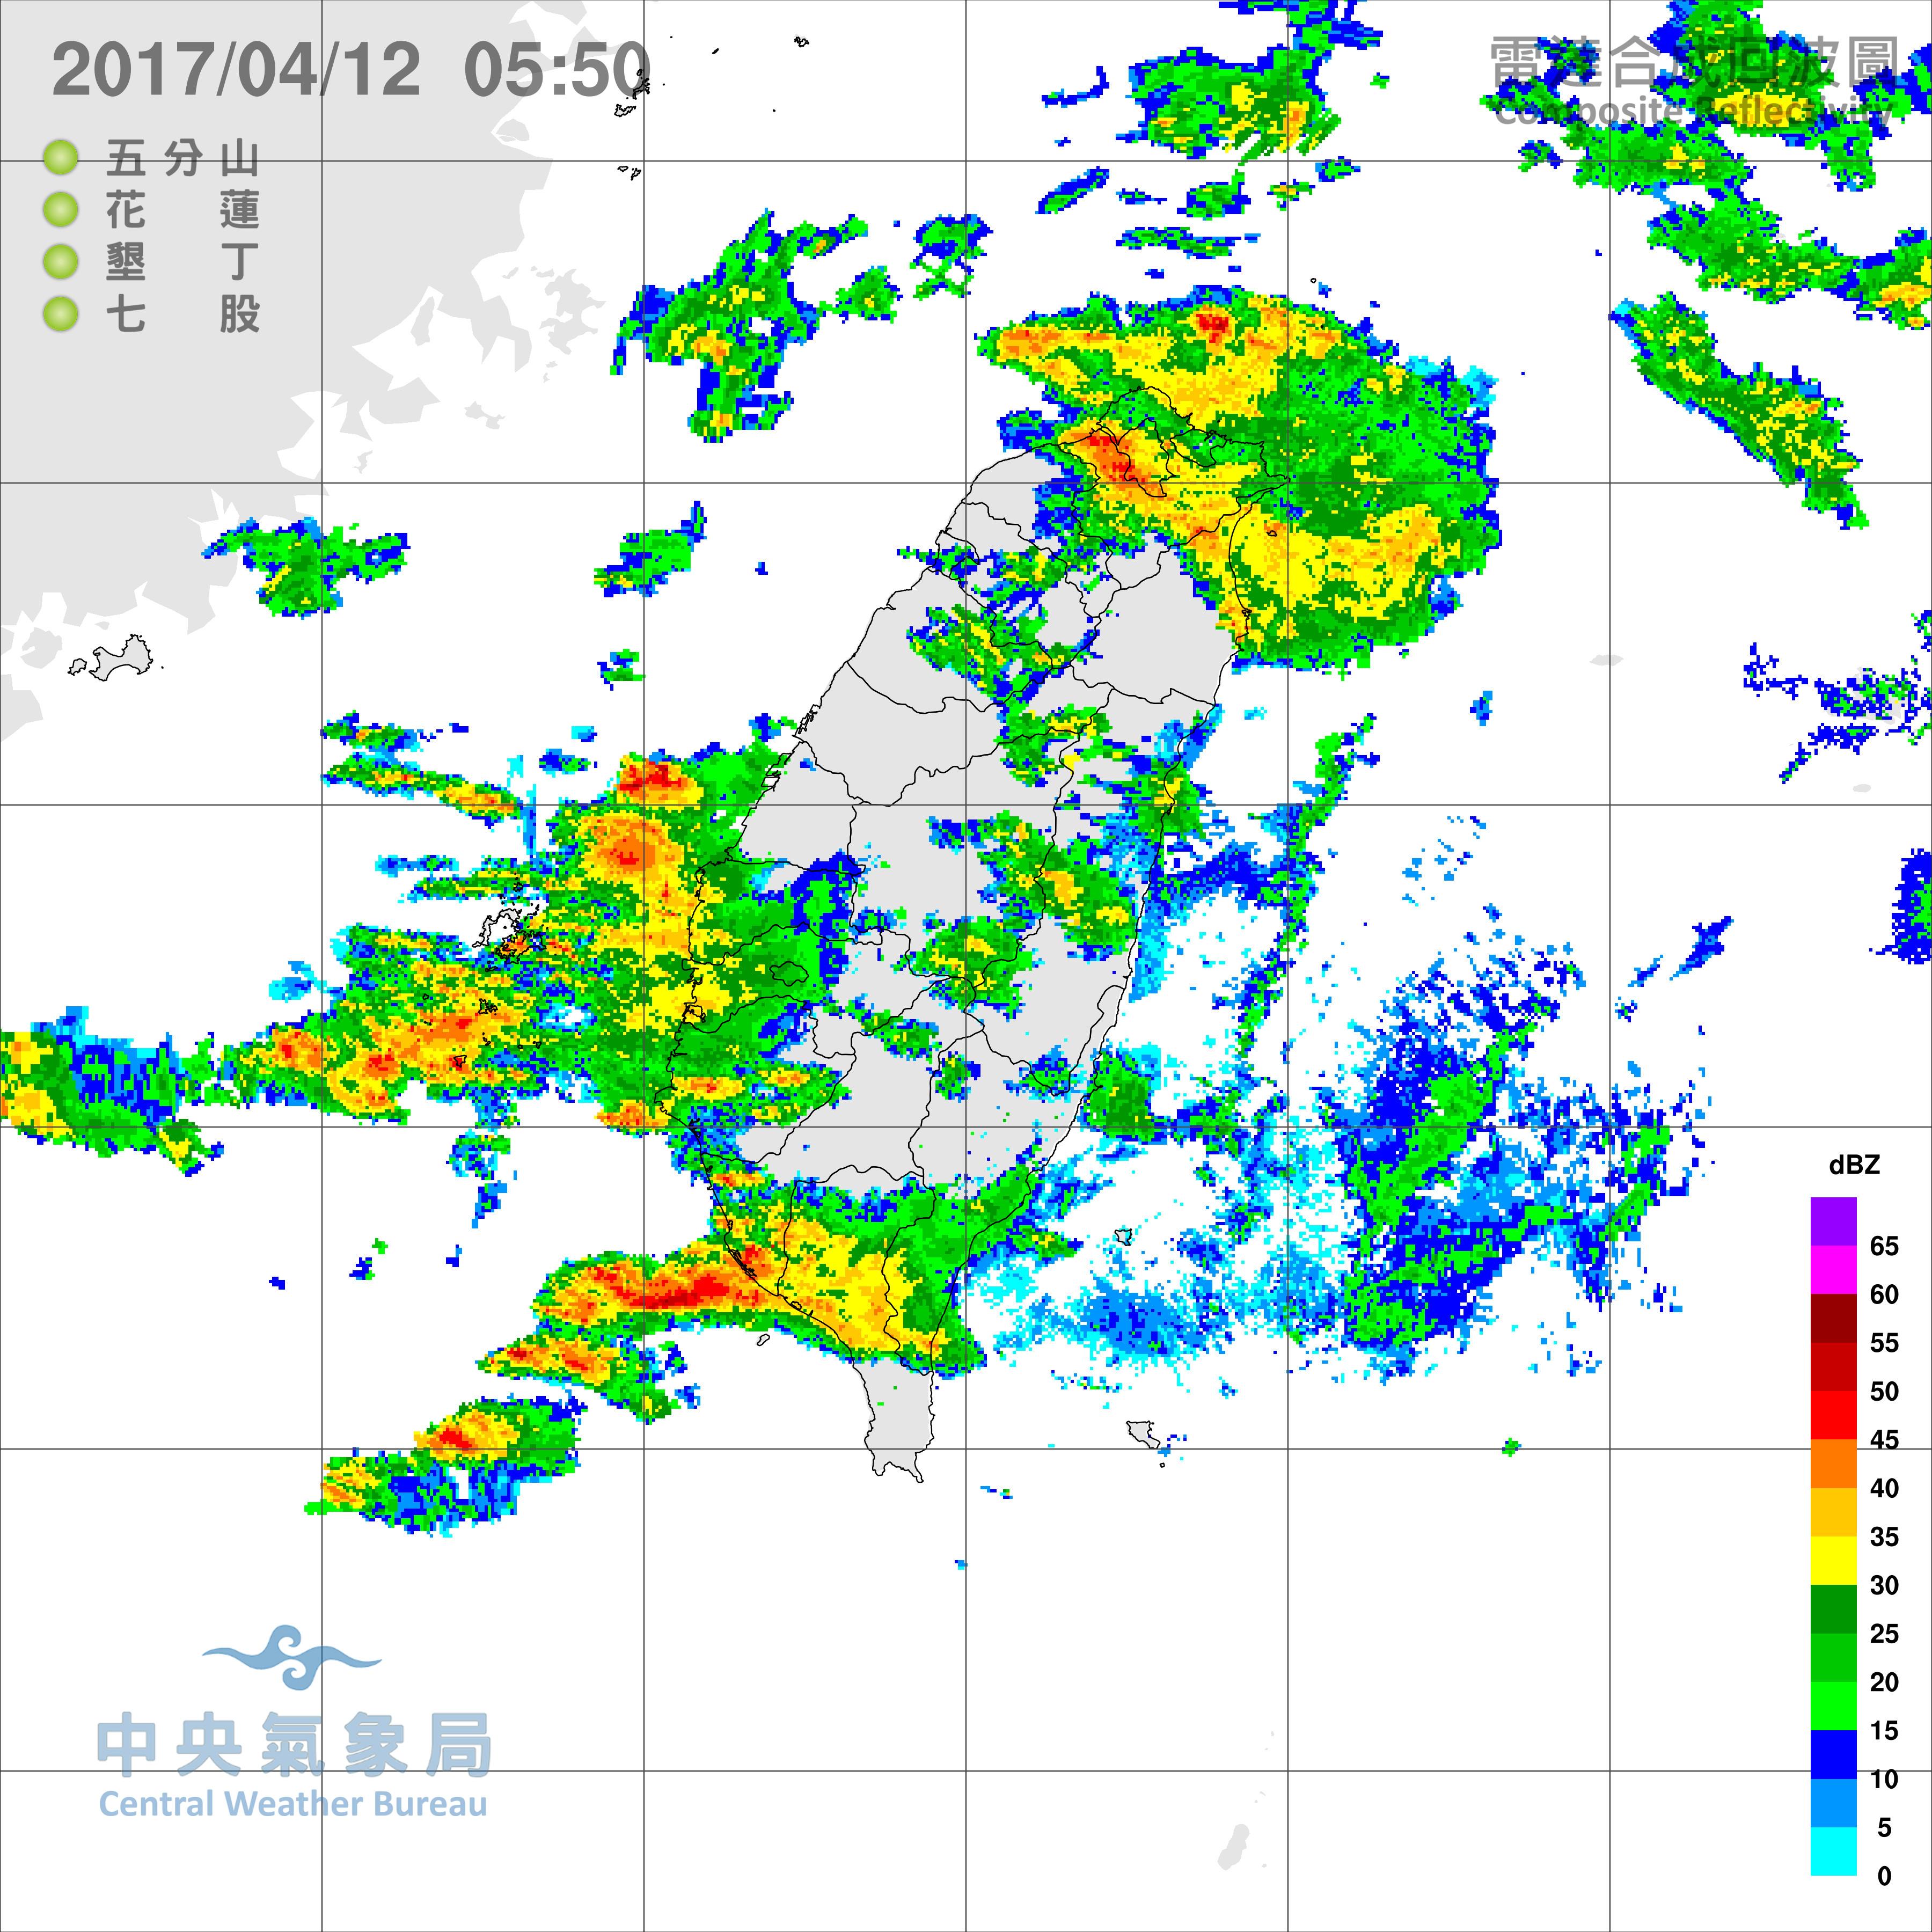 快訊/雨彈凌晨炸南台…雨量破50毫米!中南部8縣市續大雨特報